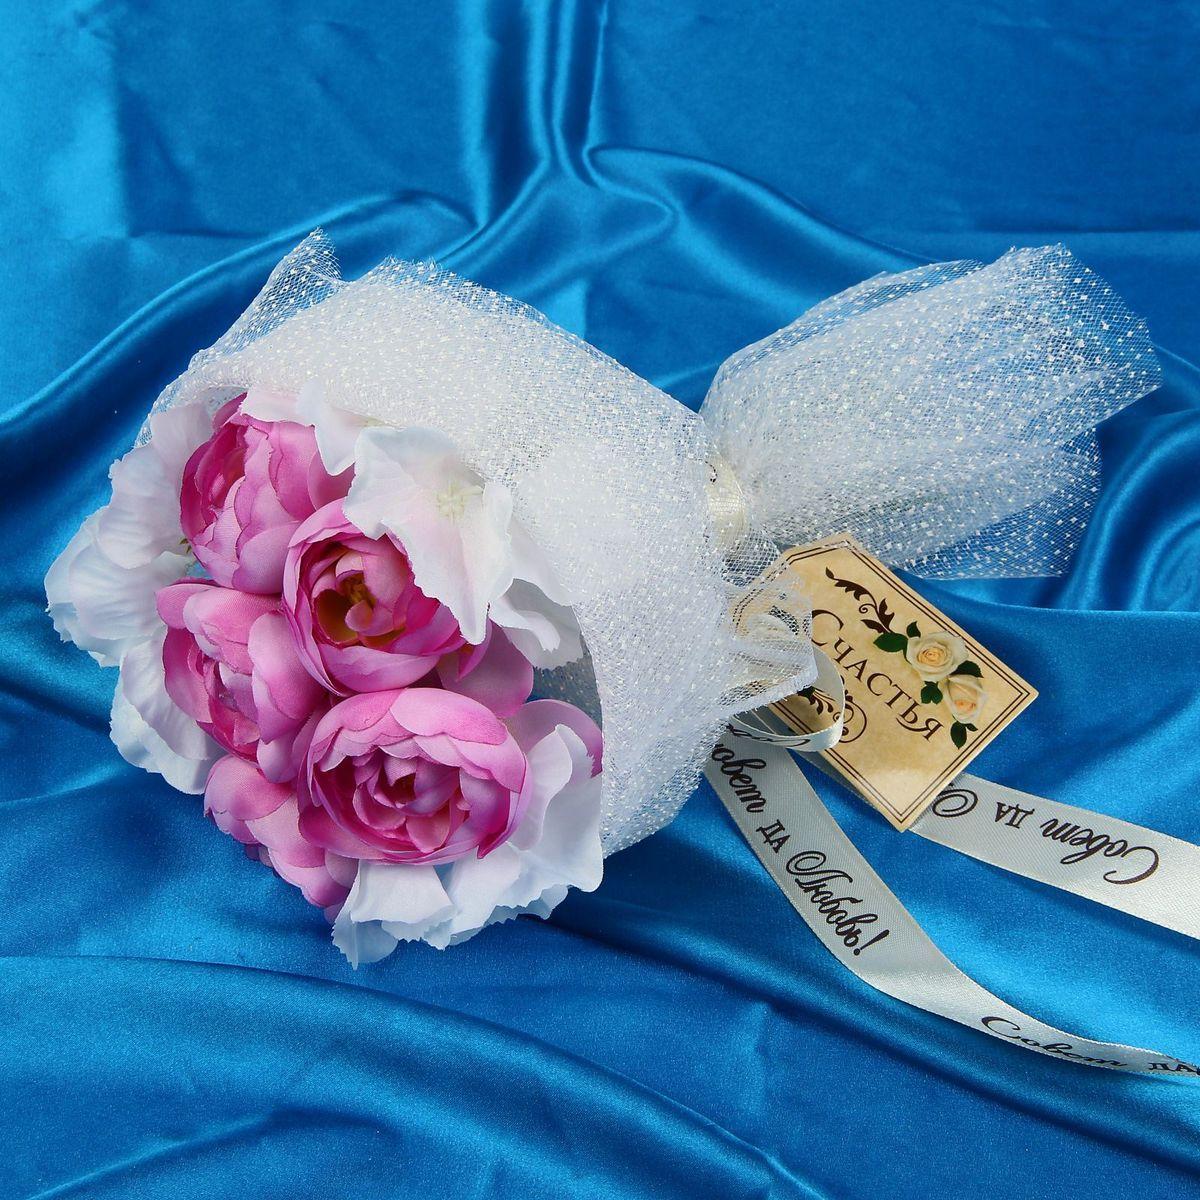 Букет-дублер Sima-land Прованс, цвет: белый, розовый1212627Свадьба — одно из главных событий в жизни человека. В такой день всё должно быть безупречно, особенно букет невесты. Но кидать, по старой традиции, цветочную композицию подругам не всегда удобно, и на помощь приходит букет-дублер Прованс чайные розы, гортензии — красивый и яркий аксессуар. Стебли оформлены лентой с надписью Совет да любовь. Букет дополнен шильдом с тёплым пожеланием. После торжества он украсит любой интерьер, ведь нежные цветы из текстиля не завянут и не помнутся.